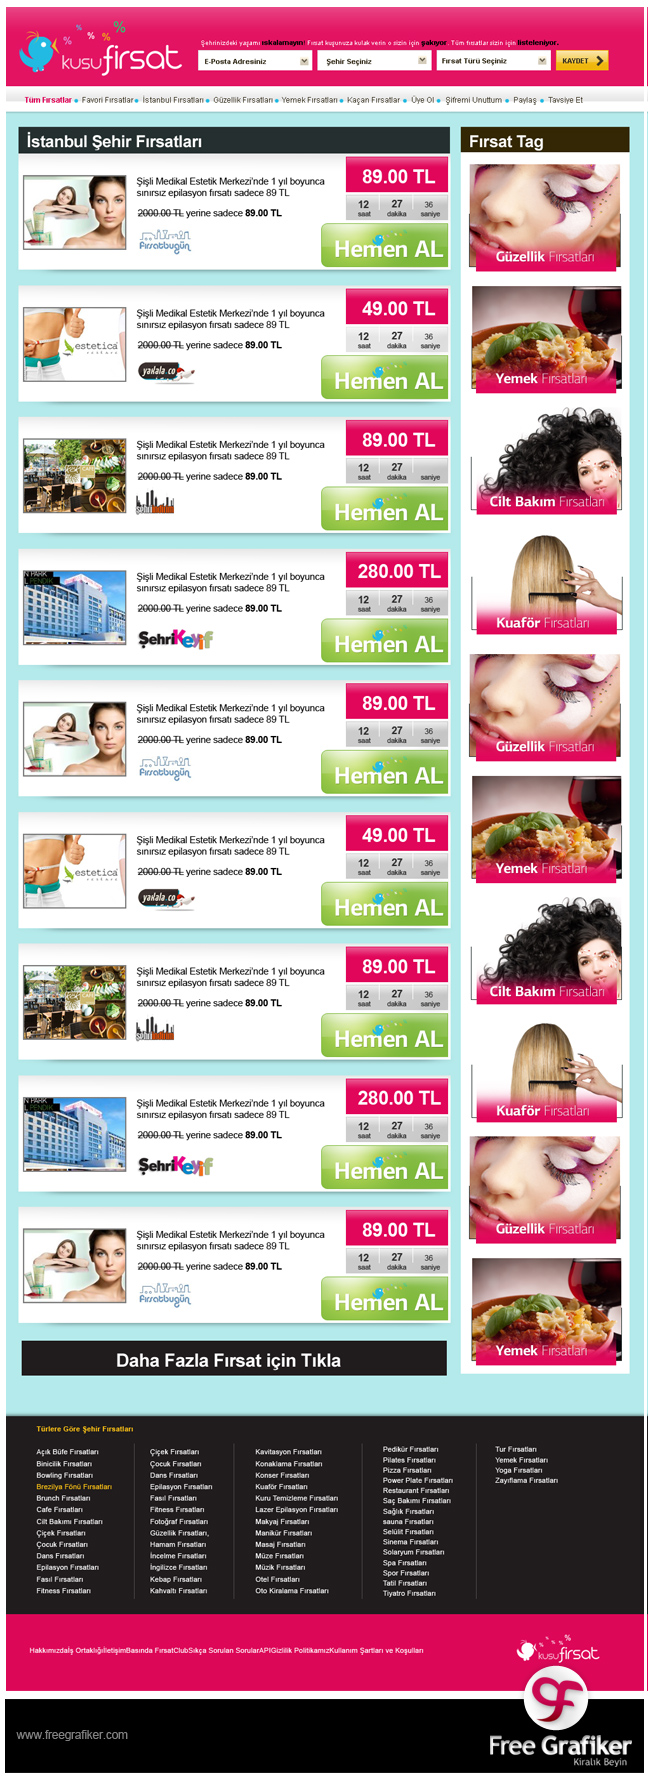 Fırsat Kuşu firsatkusu.com fırsat sitesi tasarımı